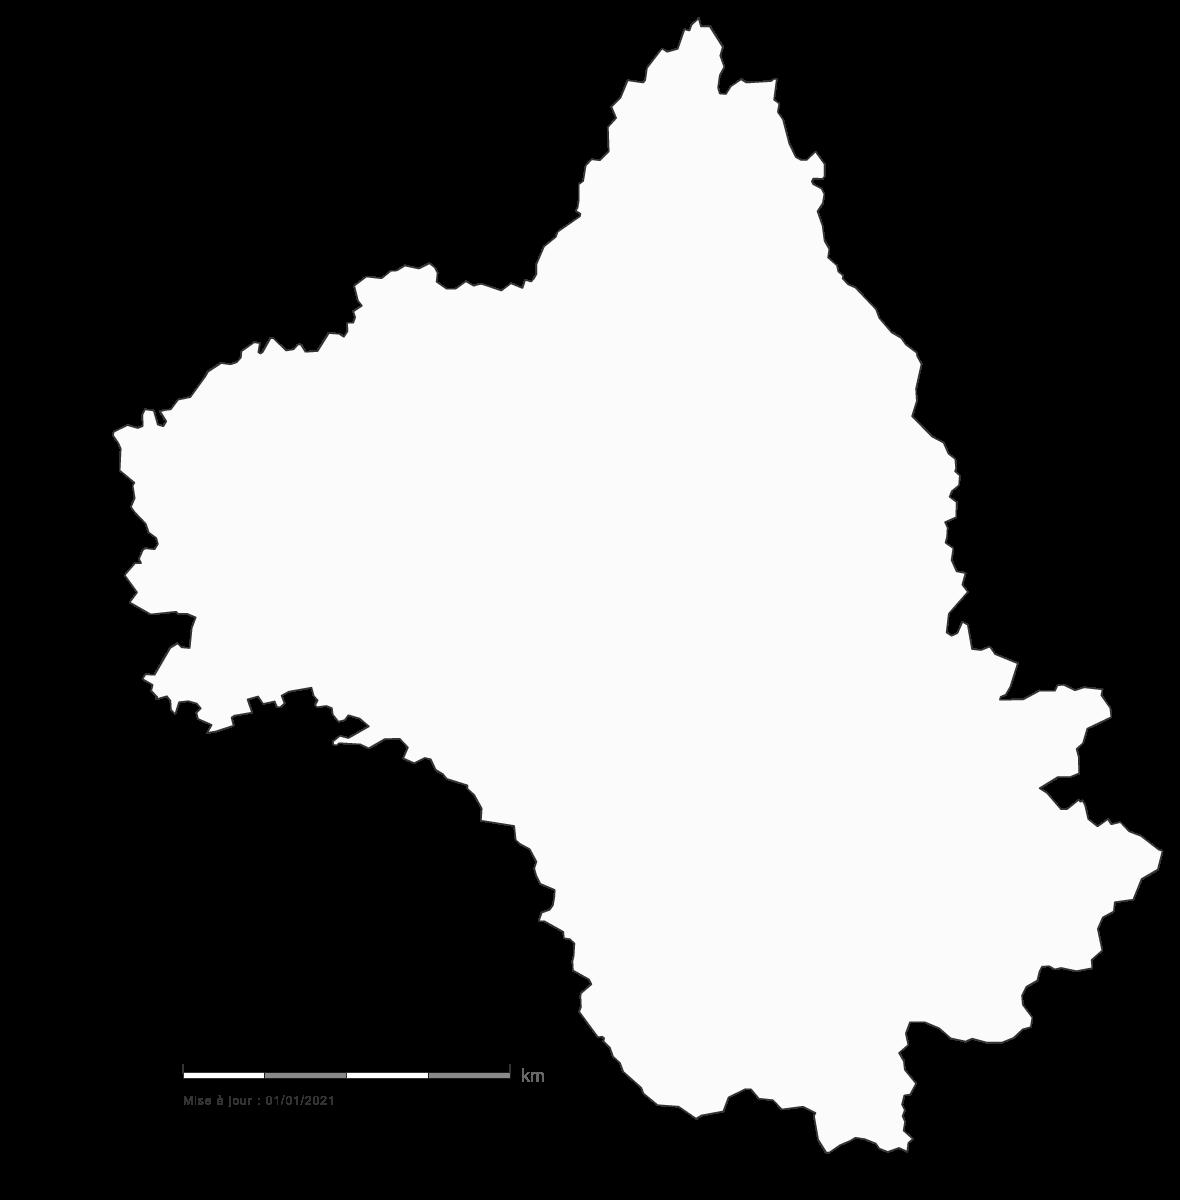 carte gratuite de l'Aveyron 12